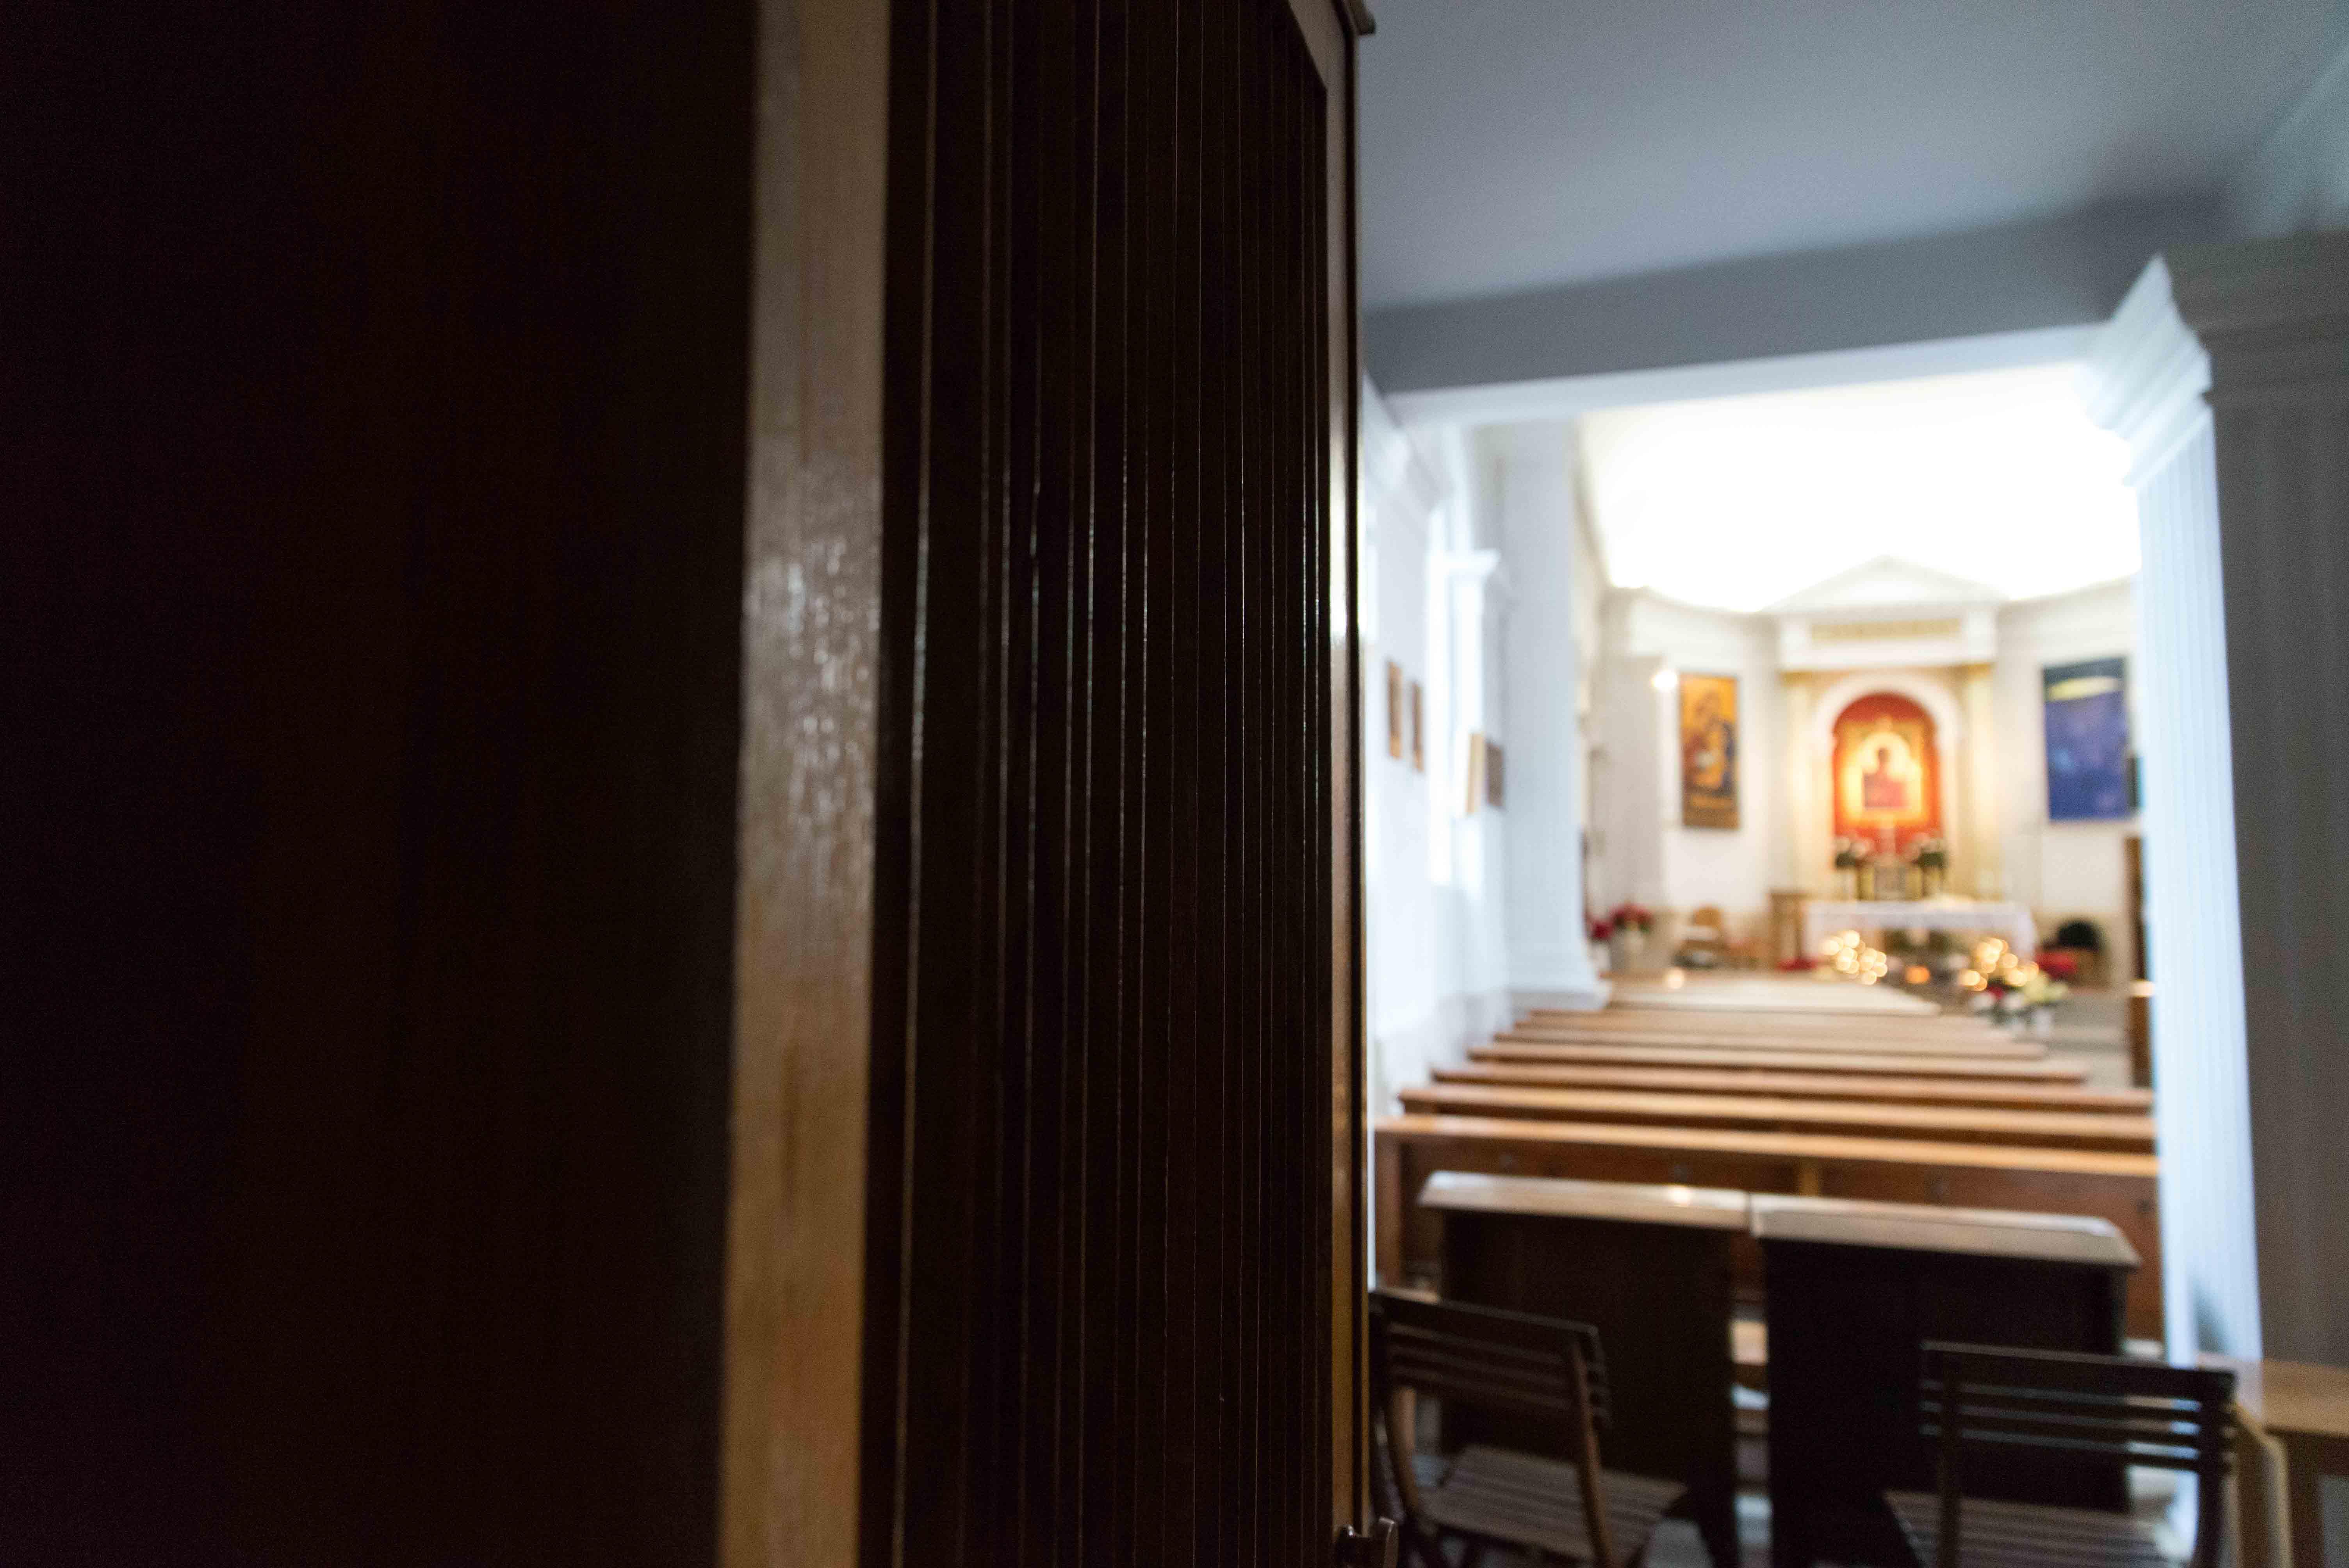 Kosciol Najswietszej Maryi Panny Czestochowskiej we Wroclawiu male (26)